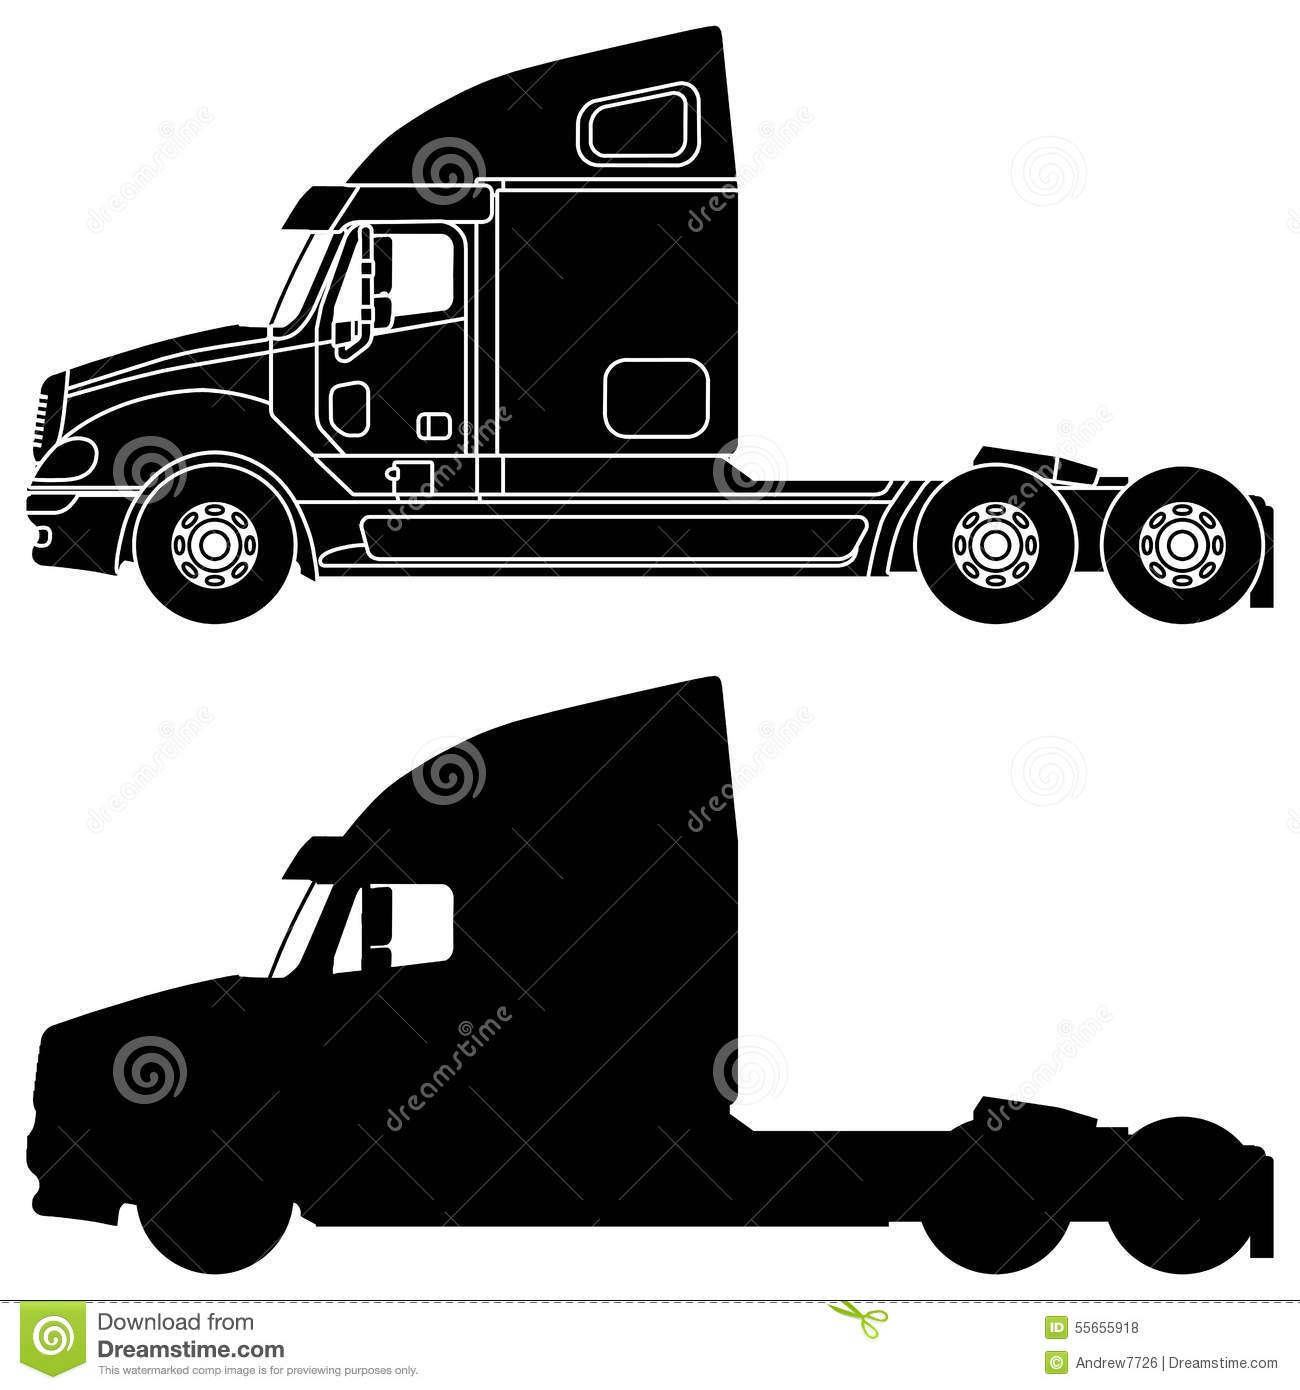 Simi truck silhouette clipart.